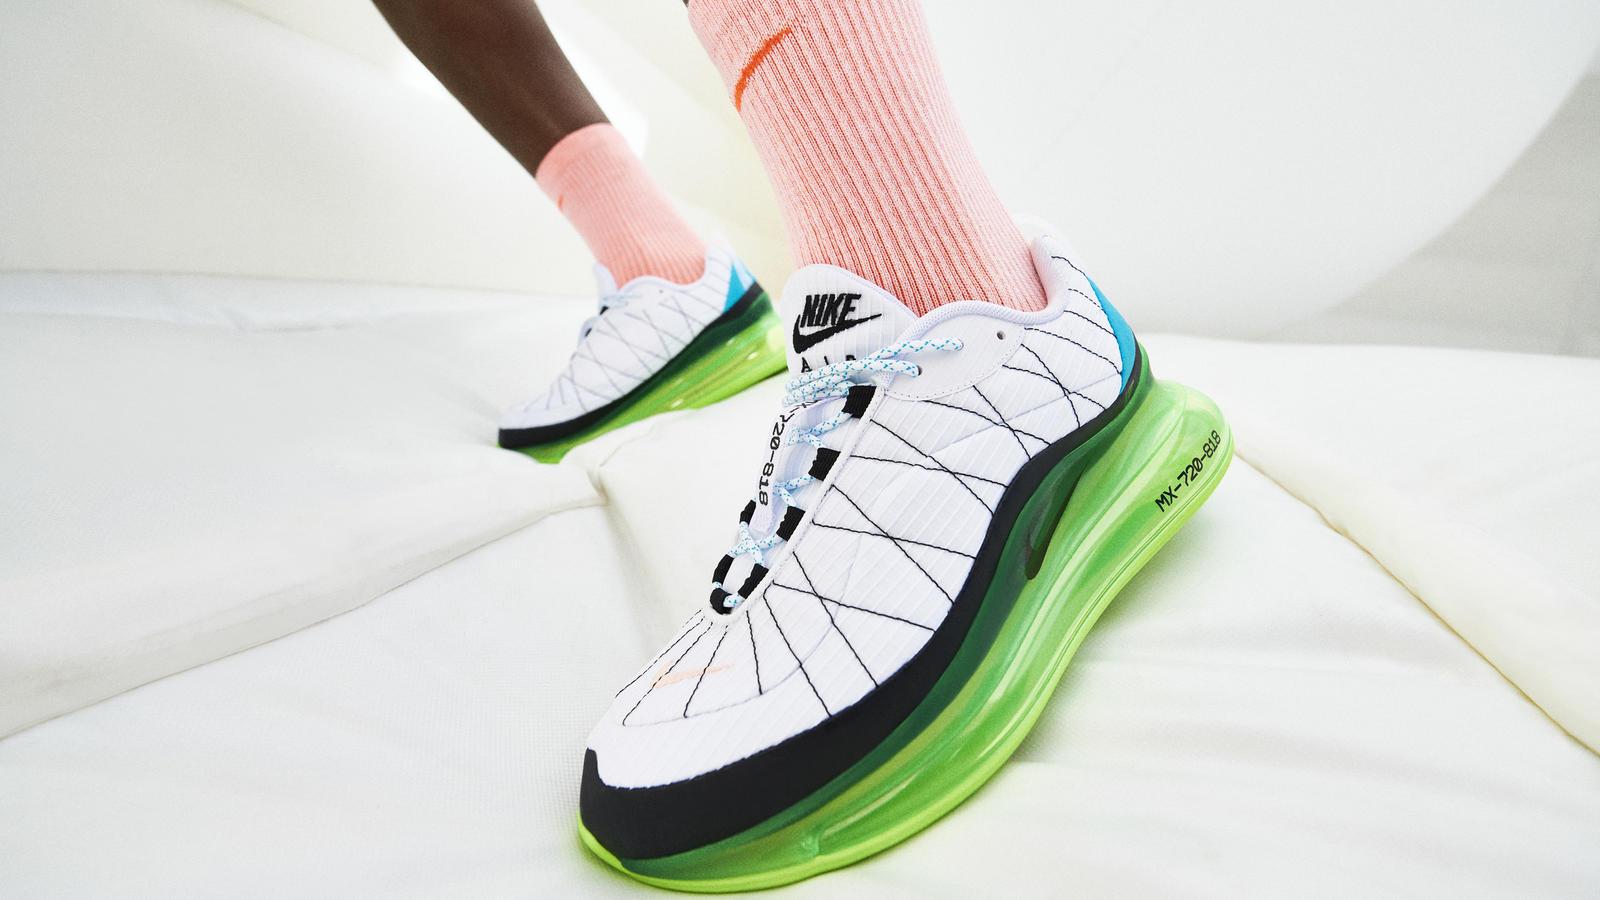 Nike Sportswear Vibrant Pack Air Max 200 Air Max 270 React Air Max Tailwind IV MX-720-818 Air Max 720 4